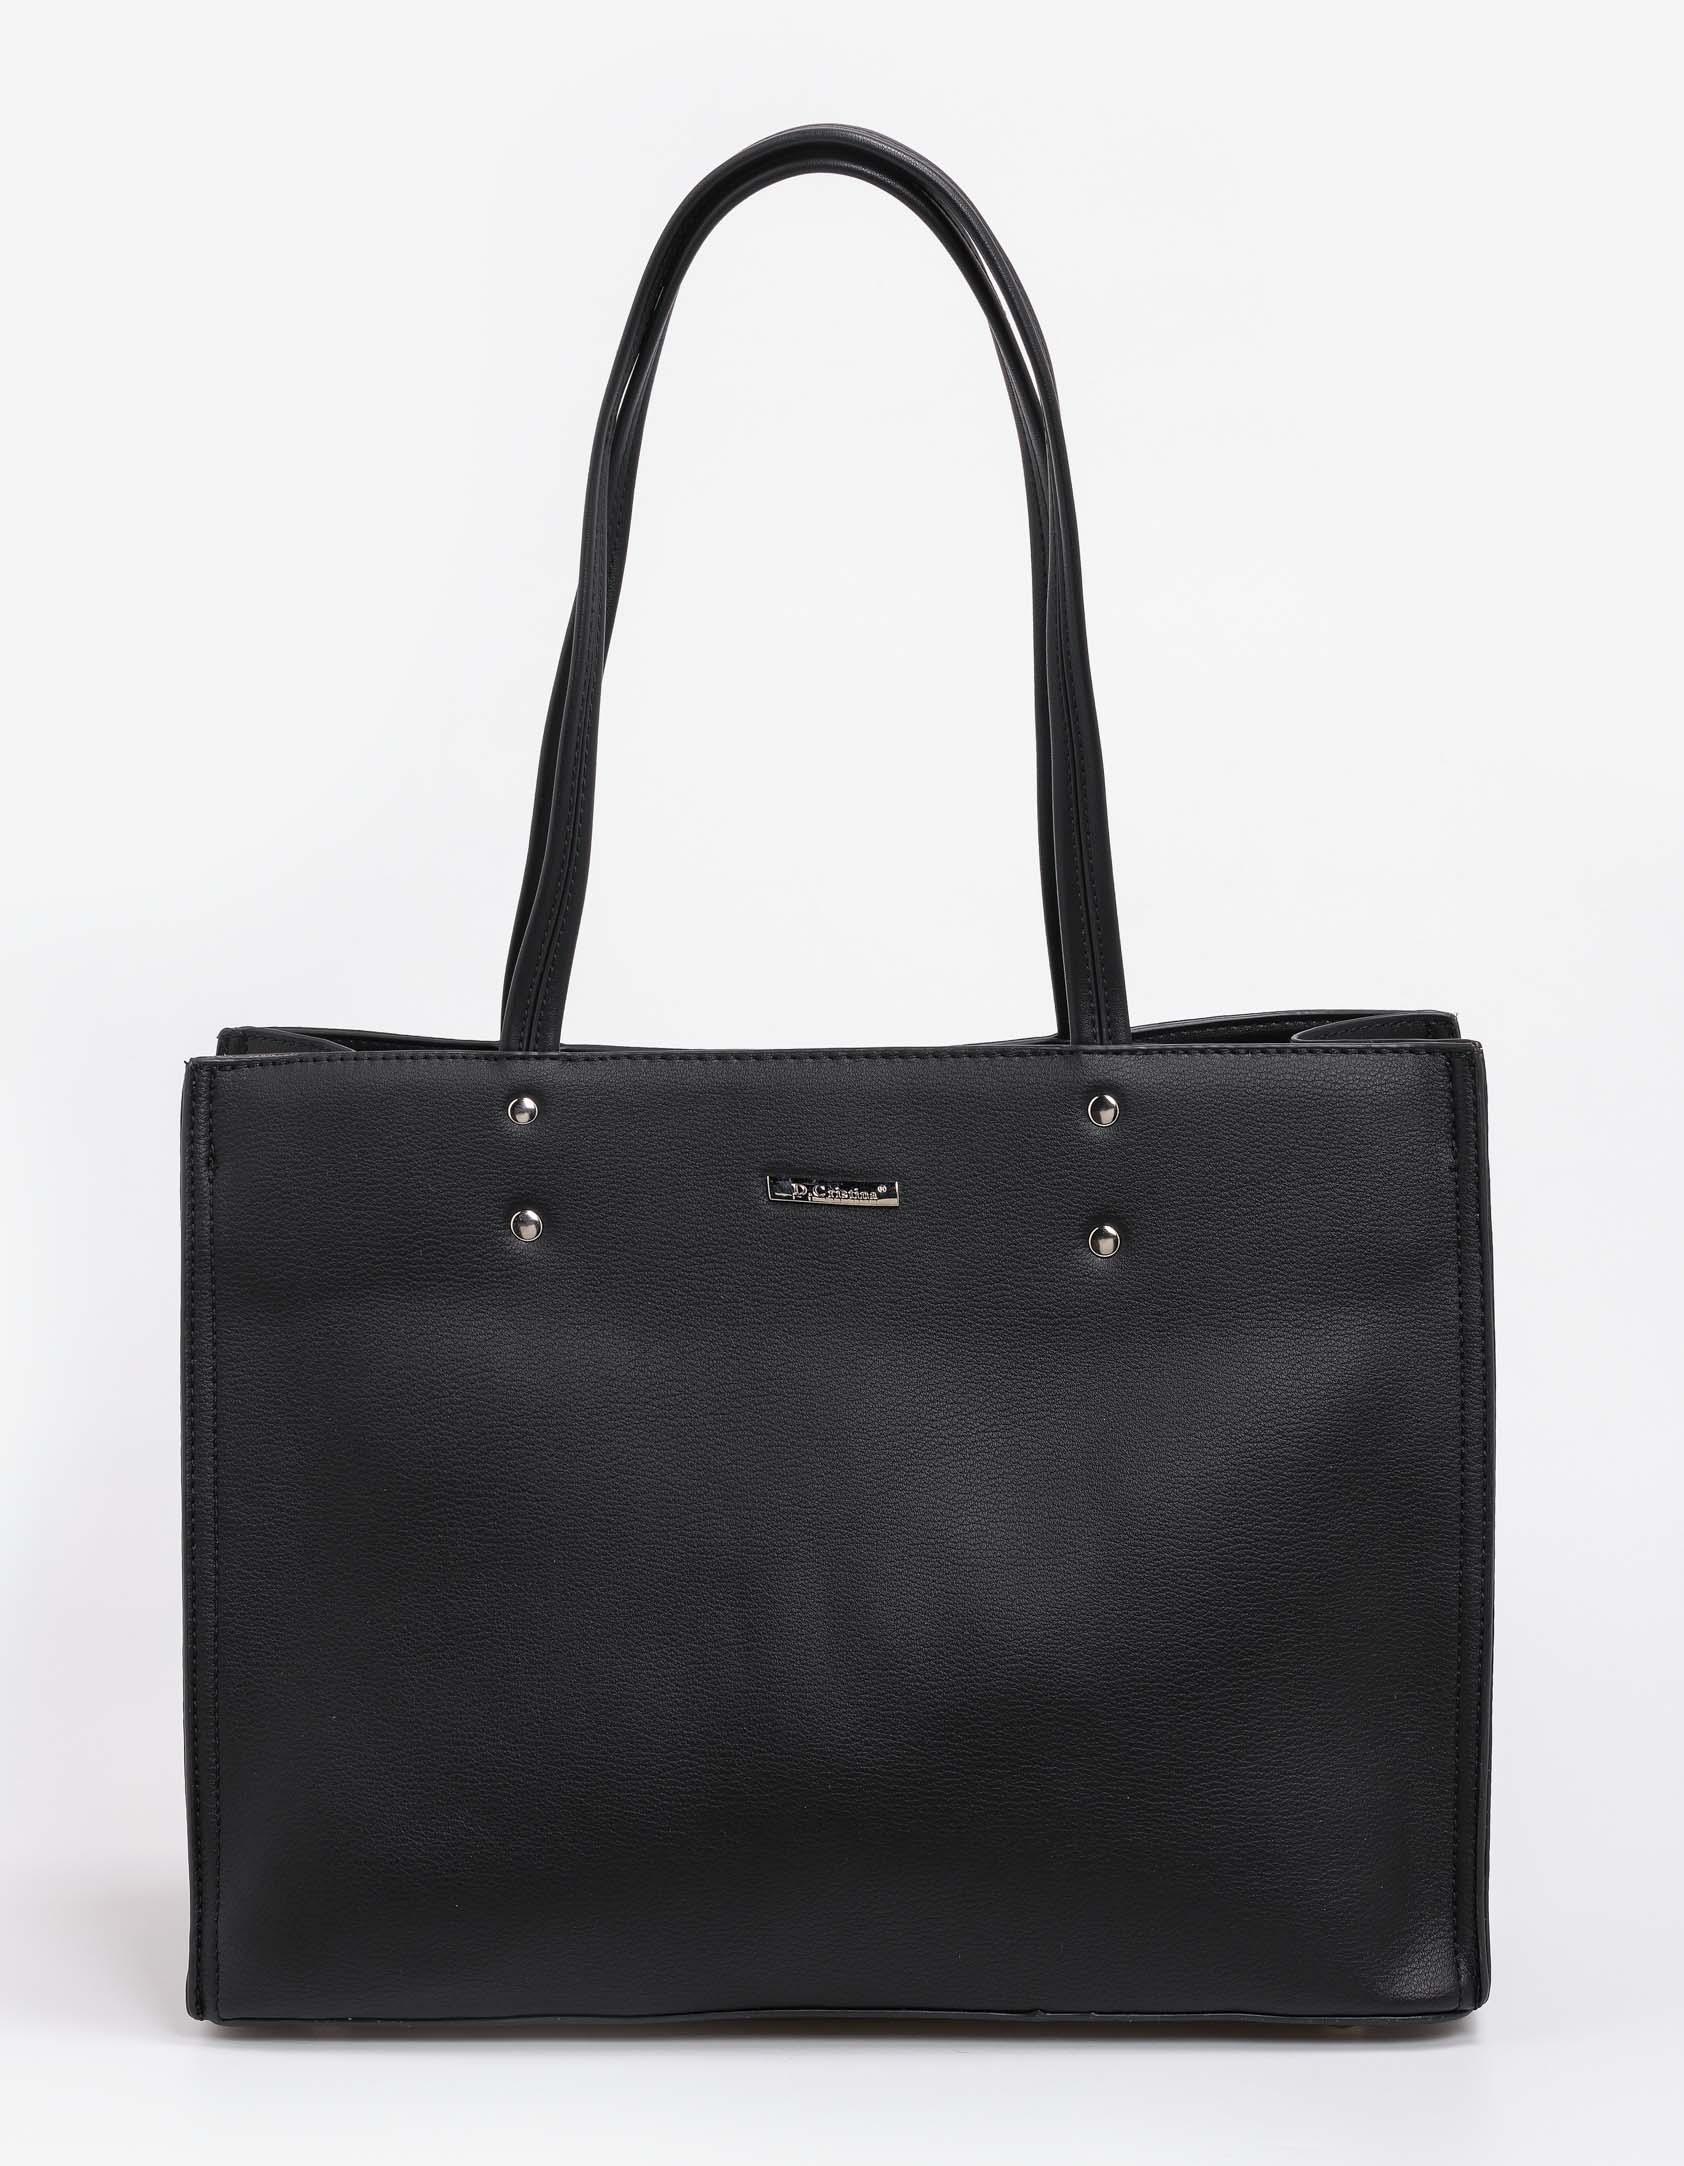 Τσάντα ώμου D.Christina - Μαύρο